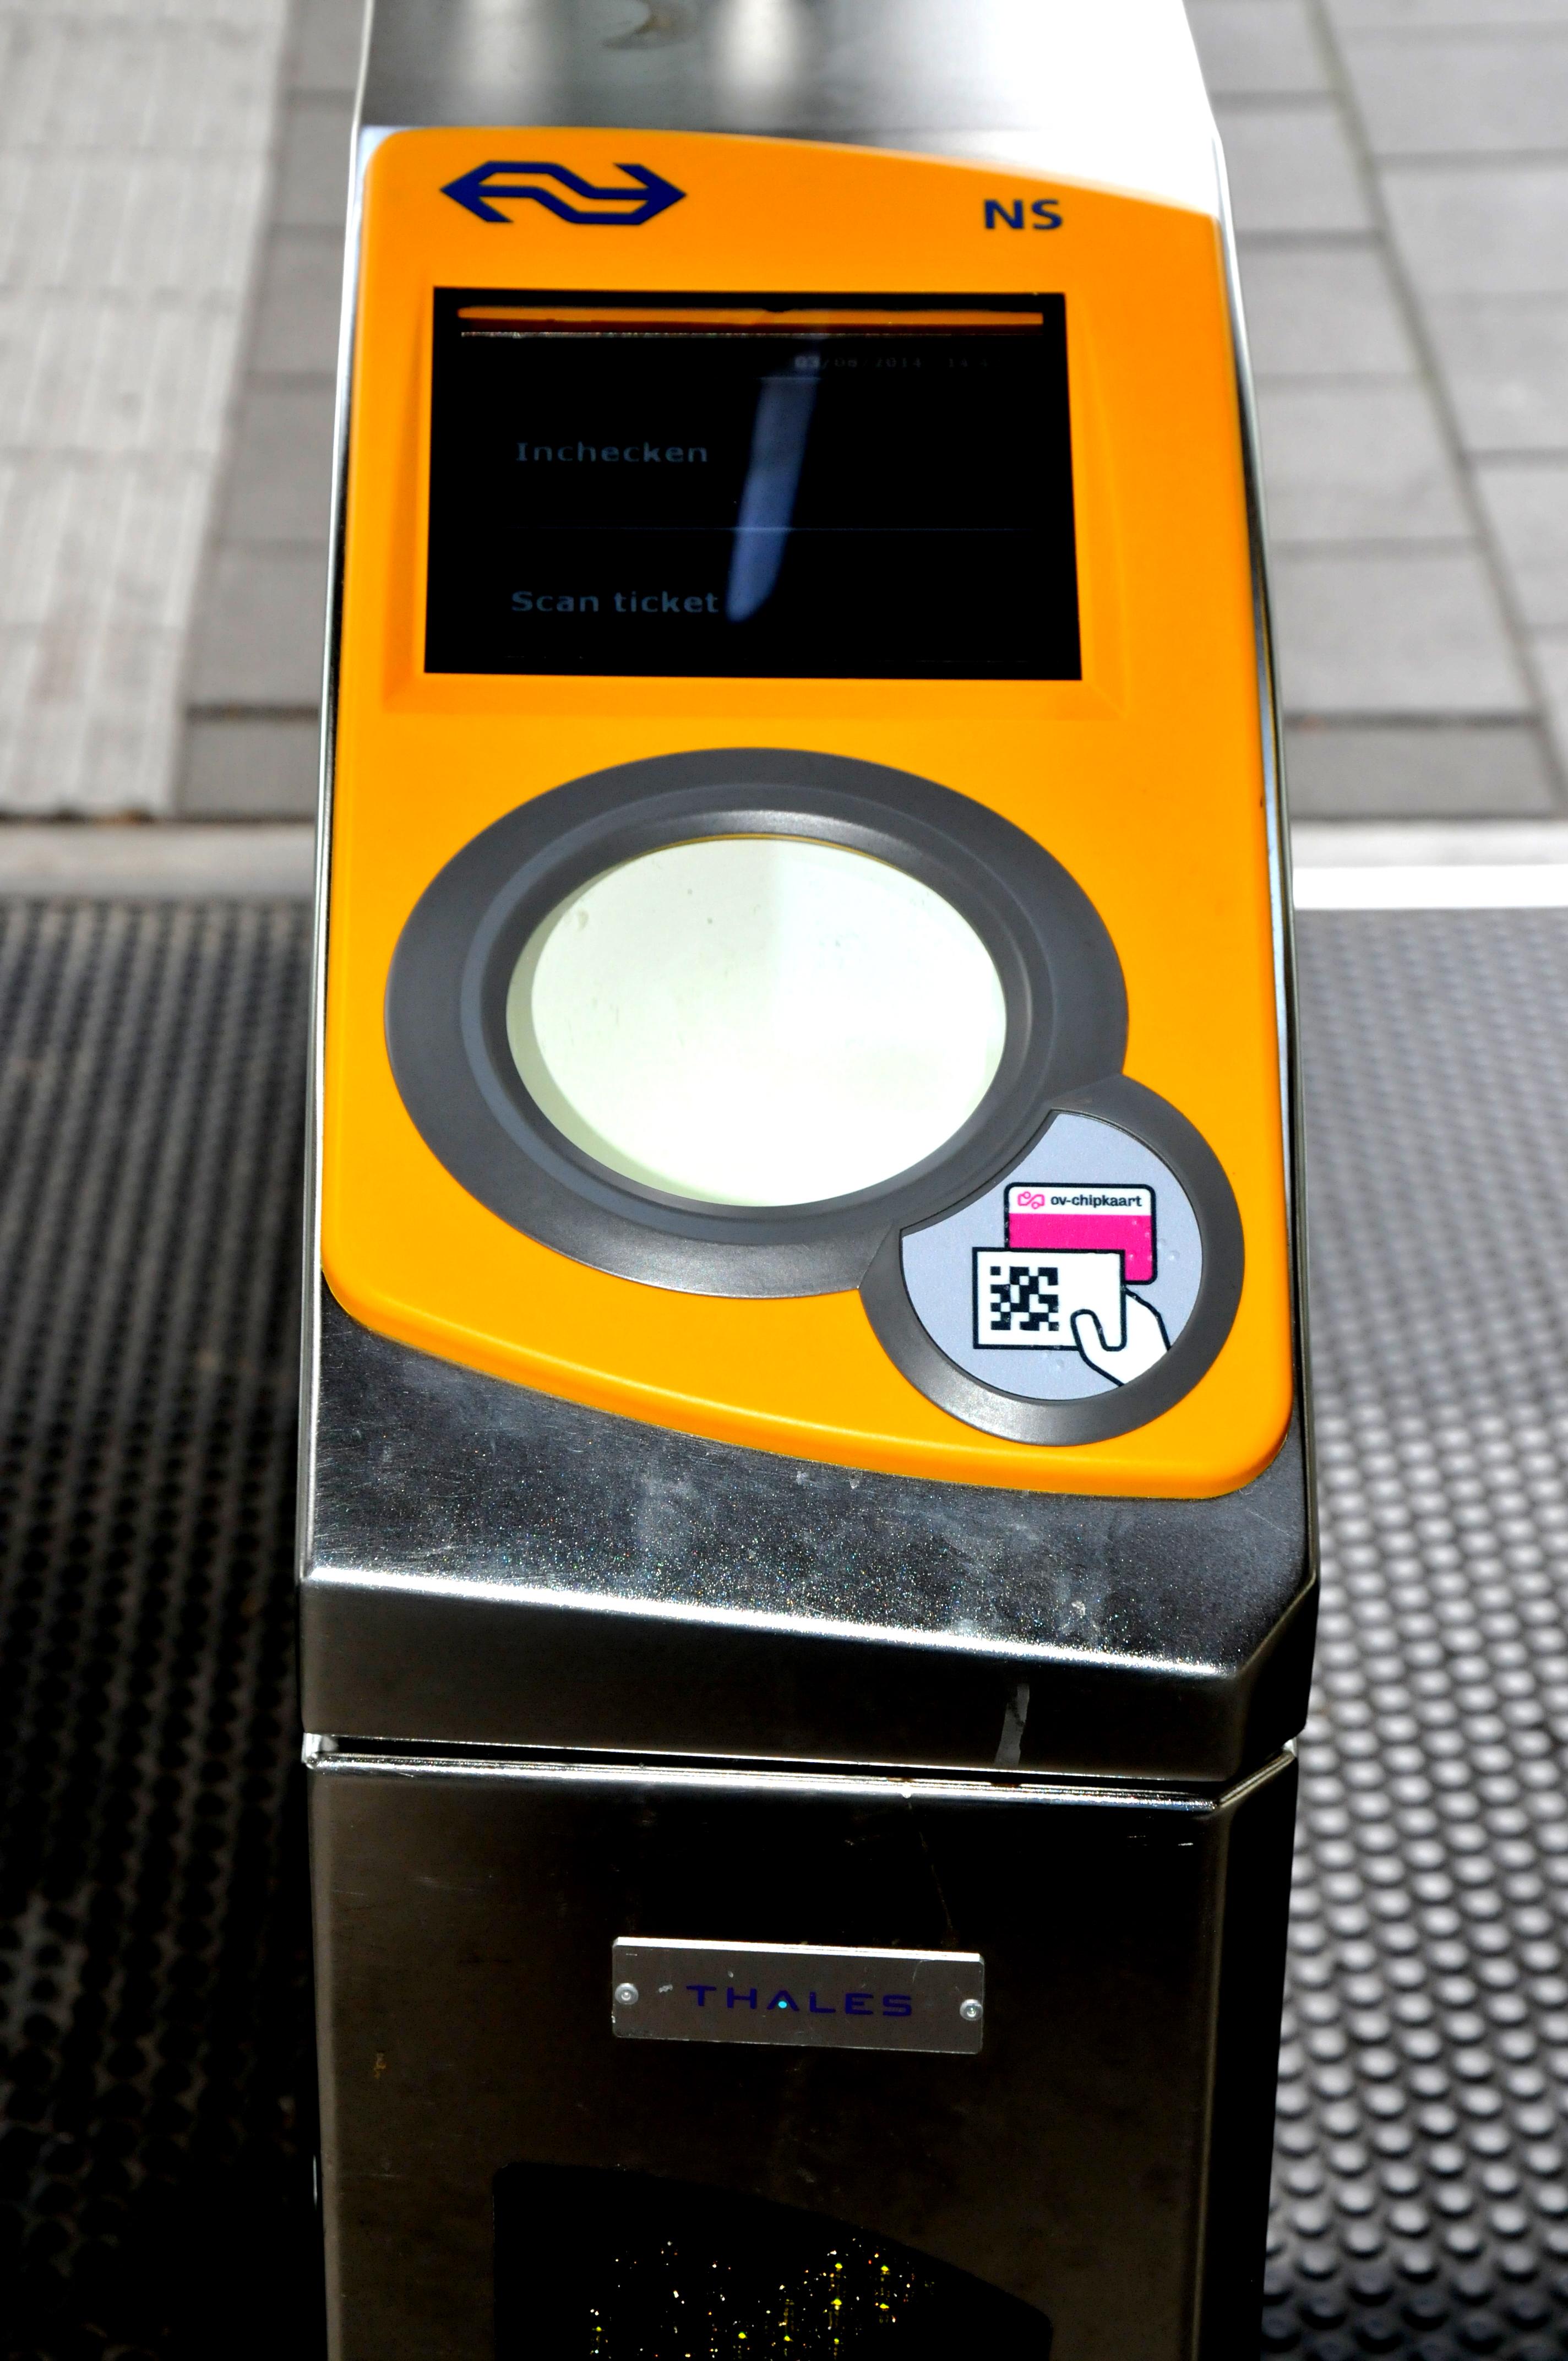 【新生季专题】下飞机后想乘坐公交去学校,火车和公交怎么买票?